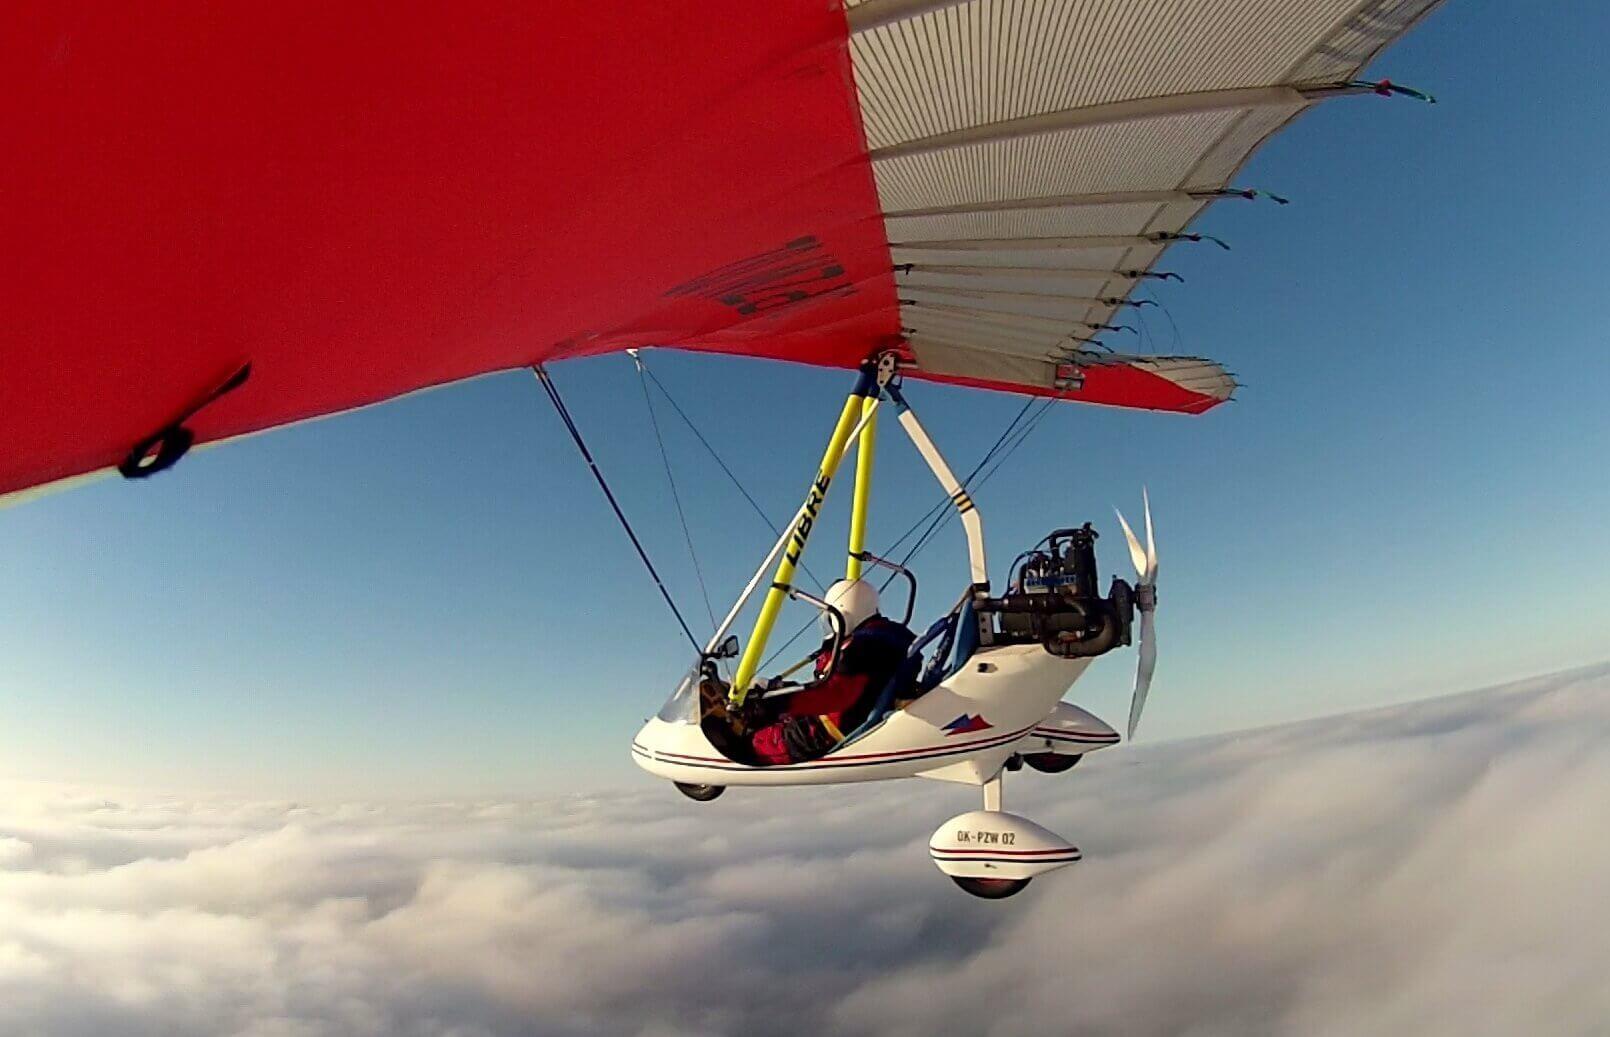 Lot widokowy motolotnią w tandemie